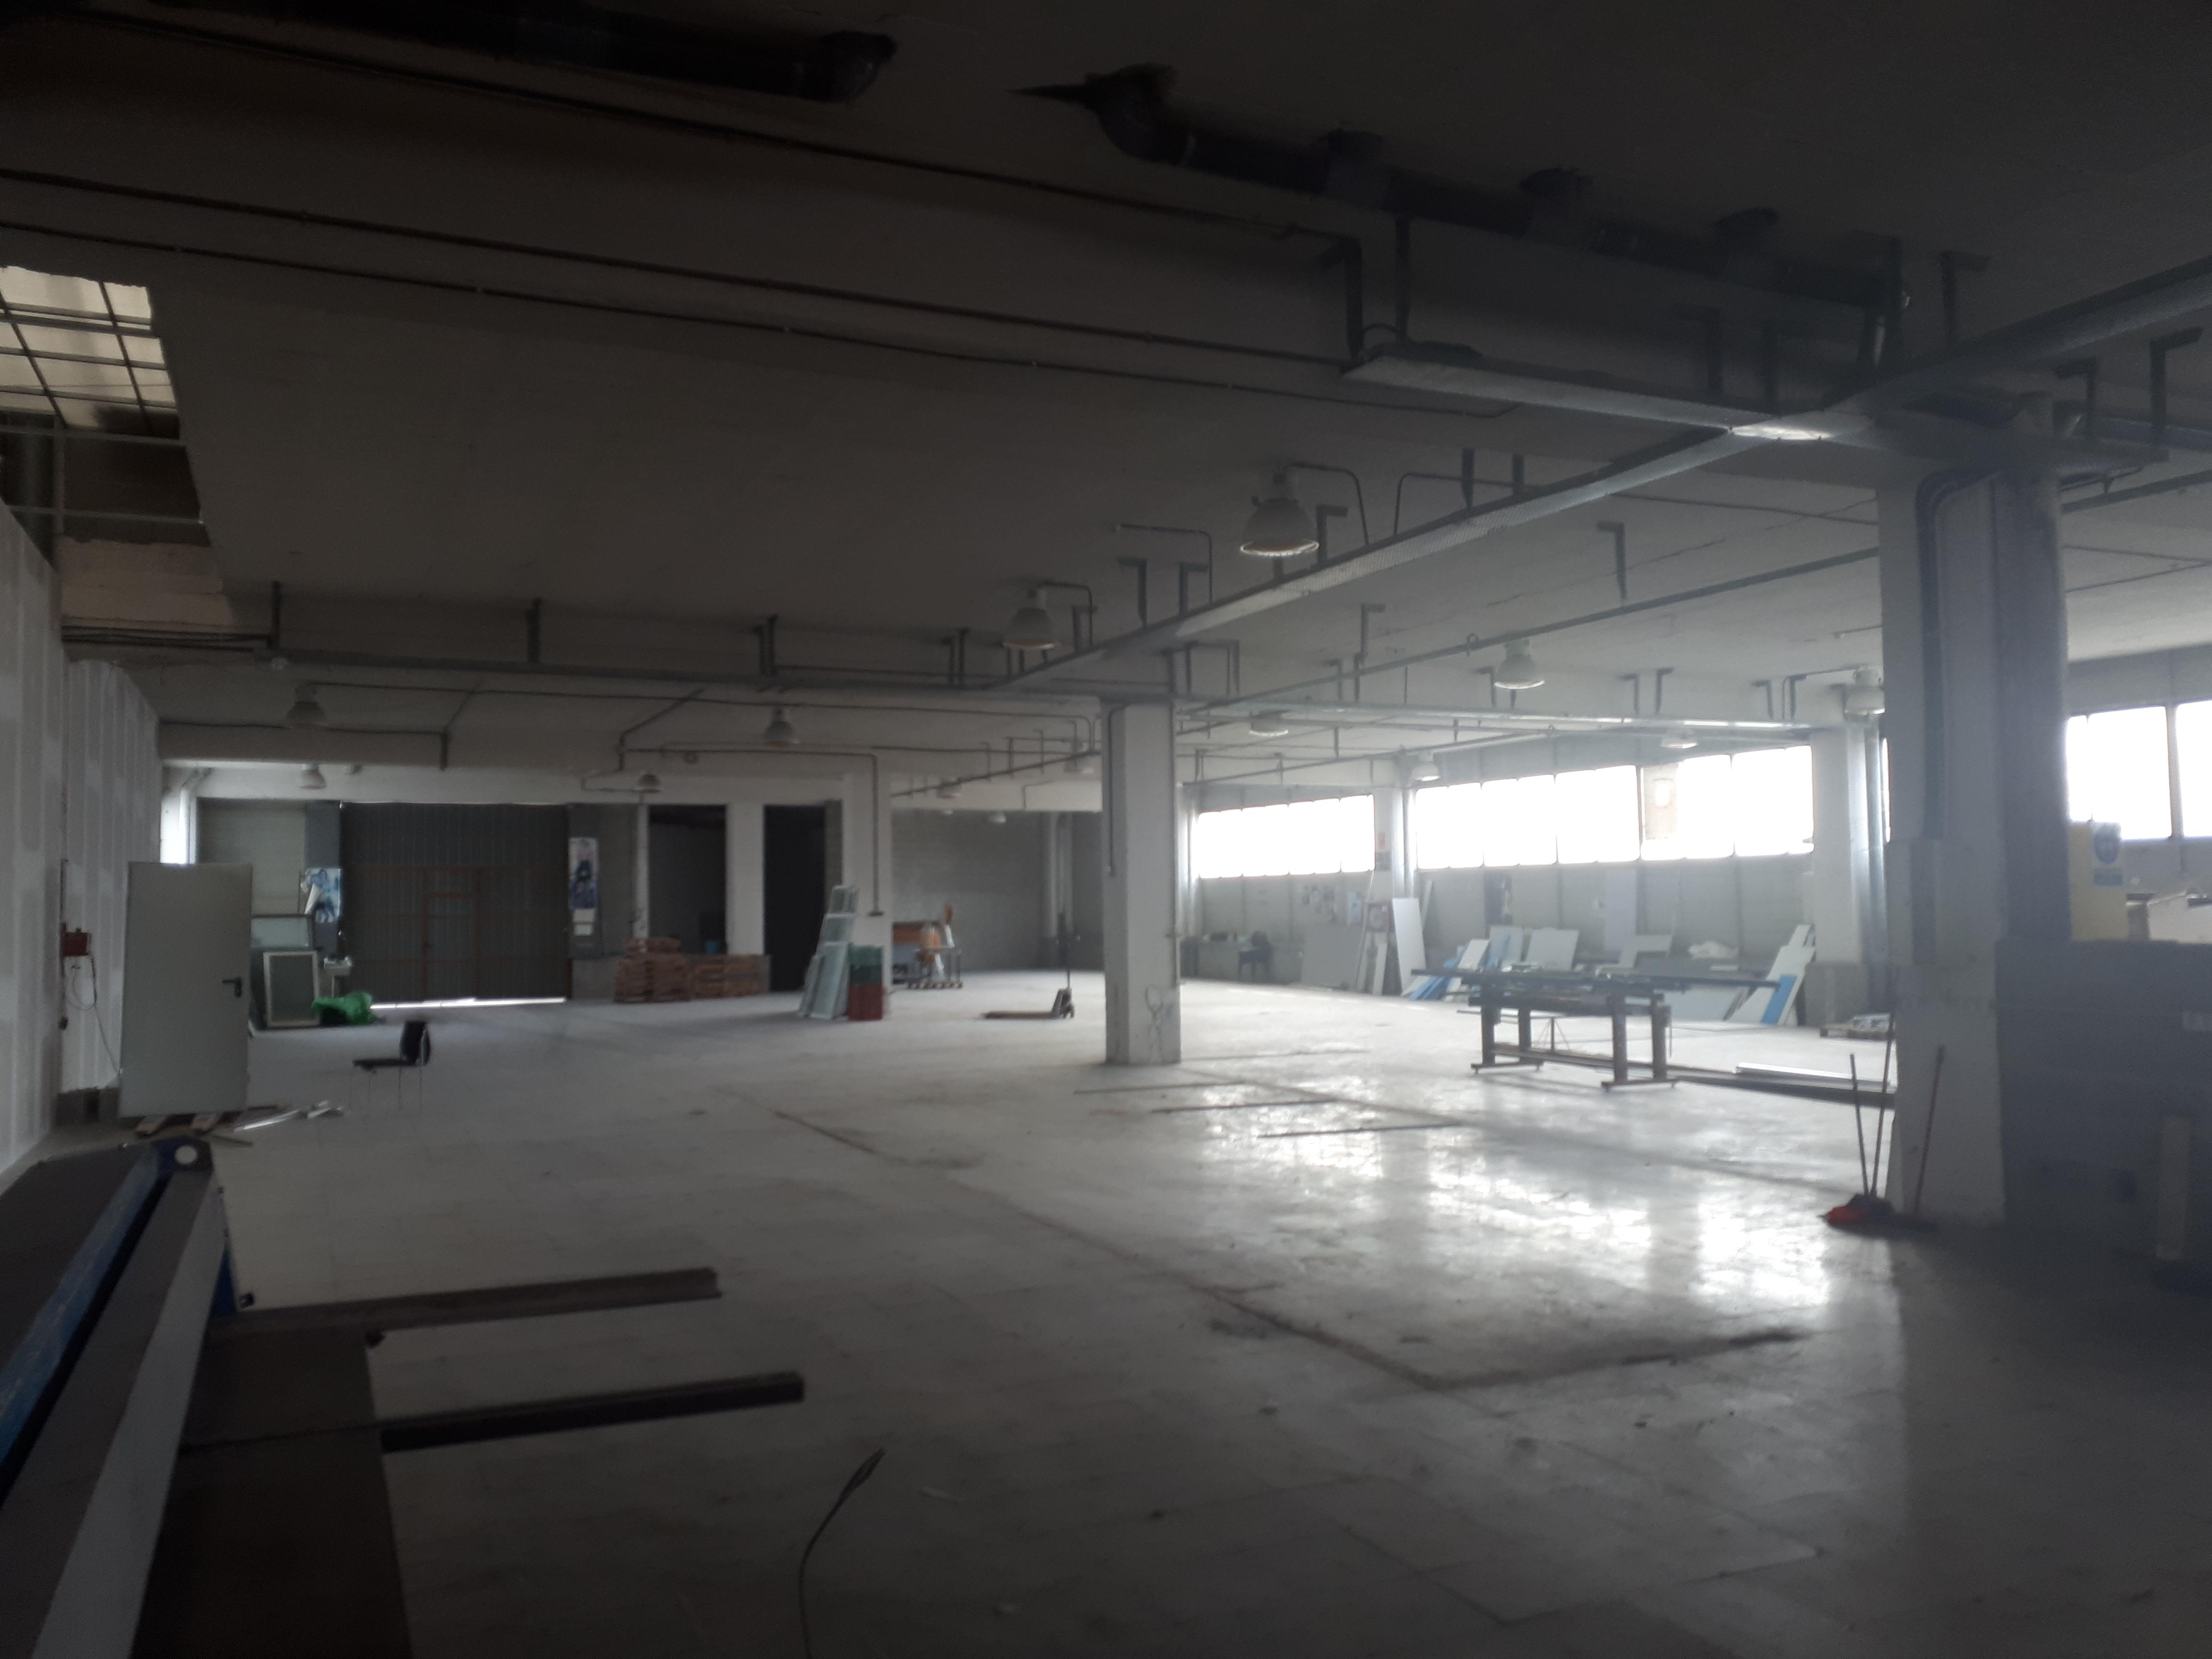 Nau / taller en zona privada comunitària